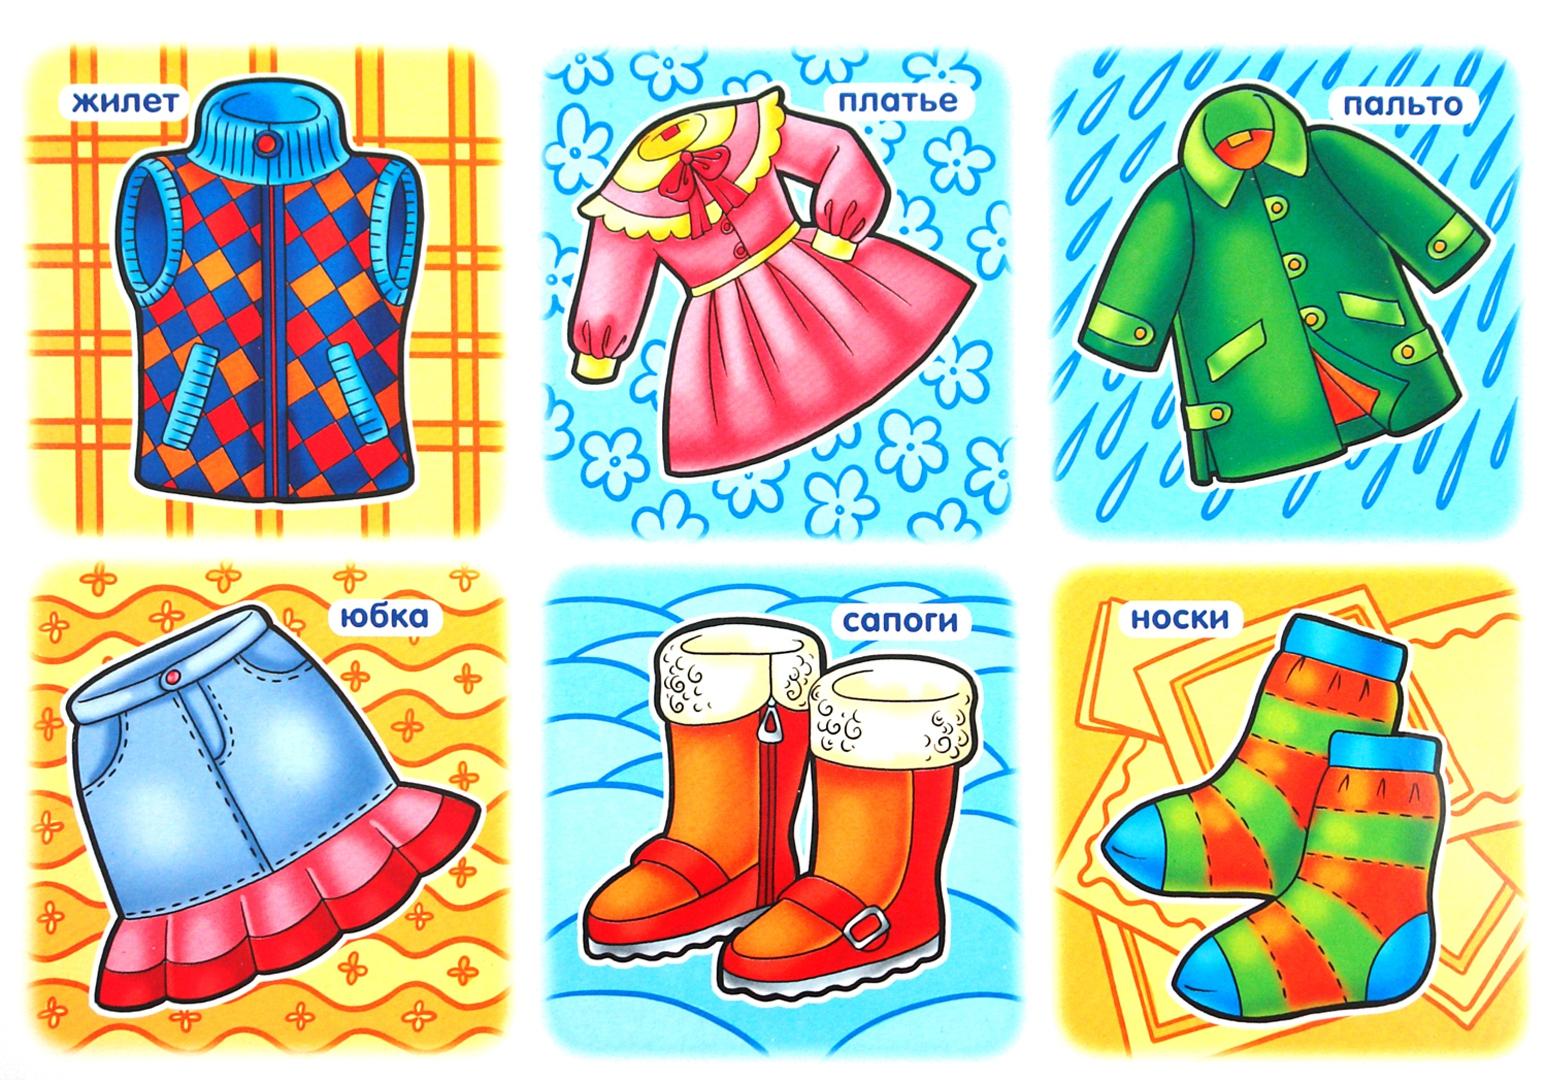 Картинки для магазина одежды для полных движения падающего